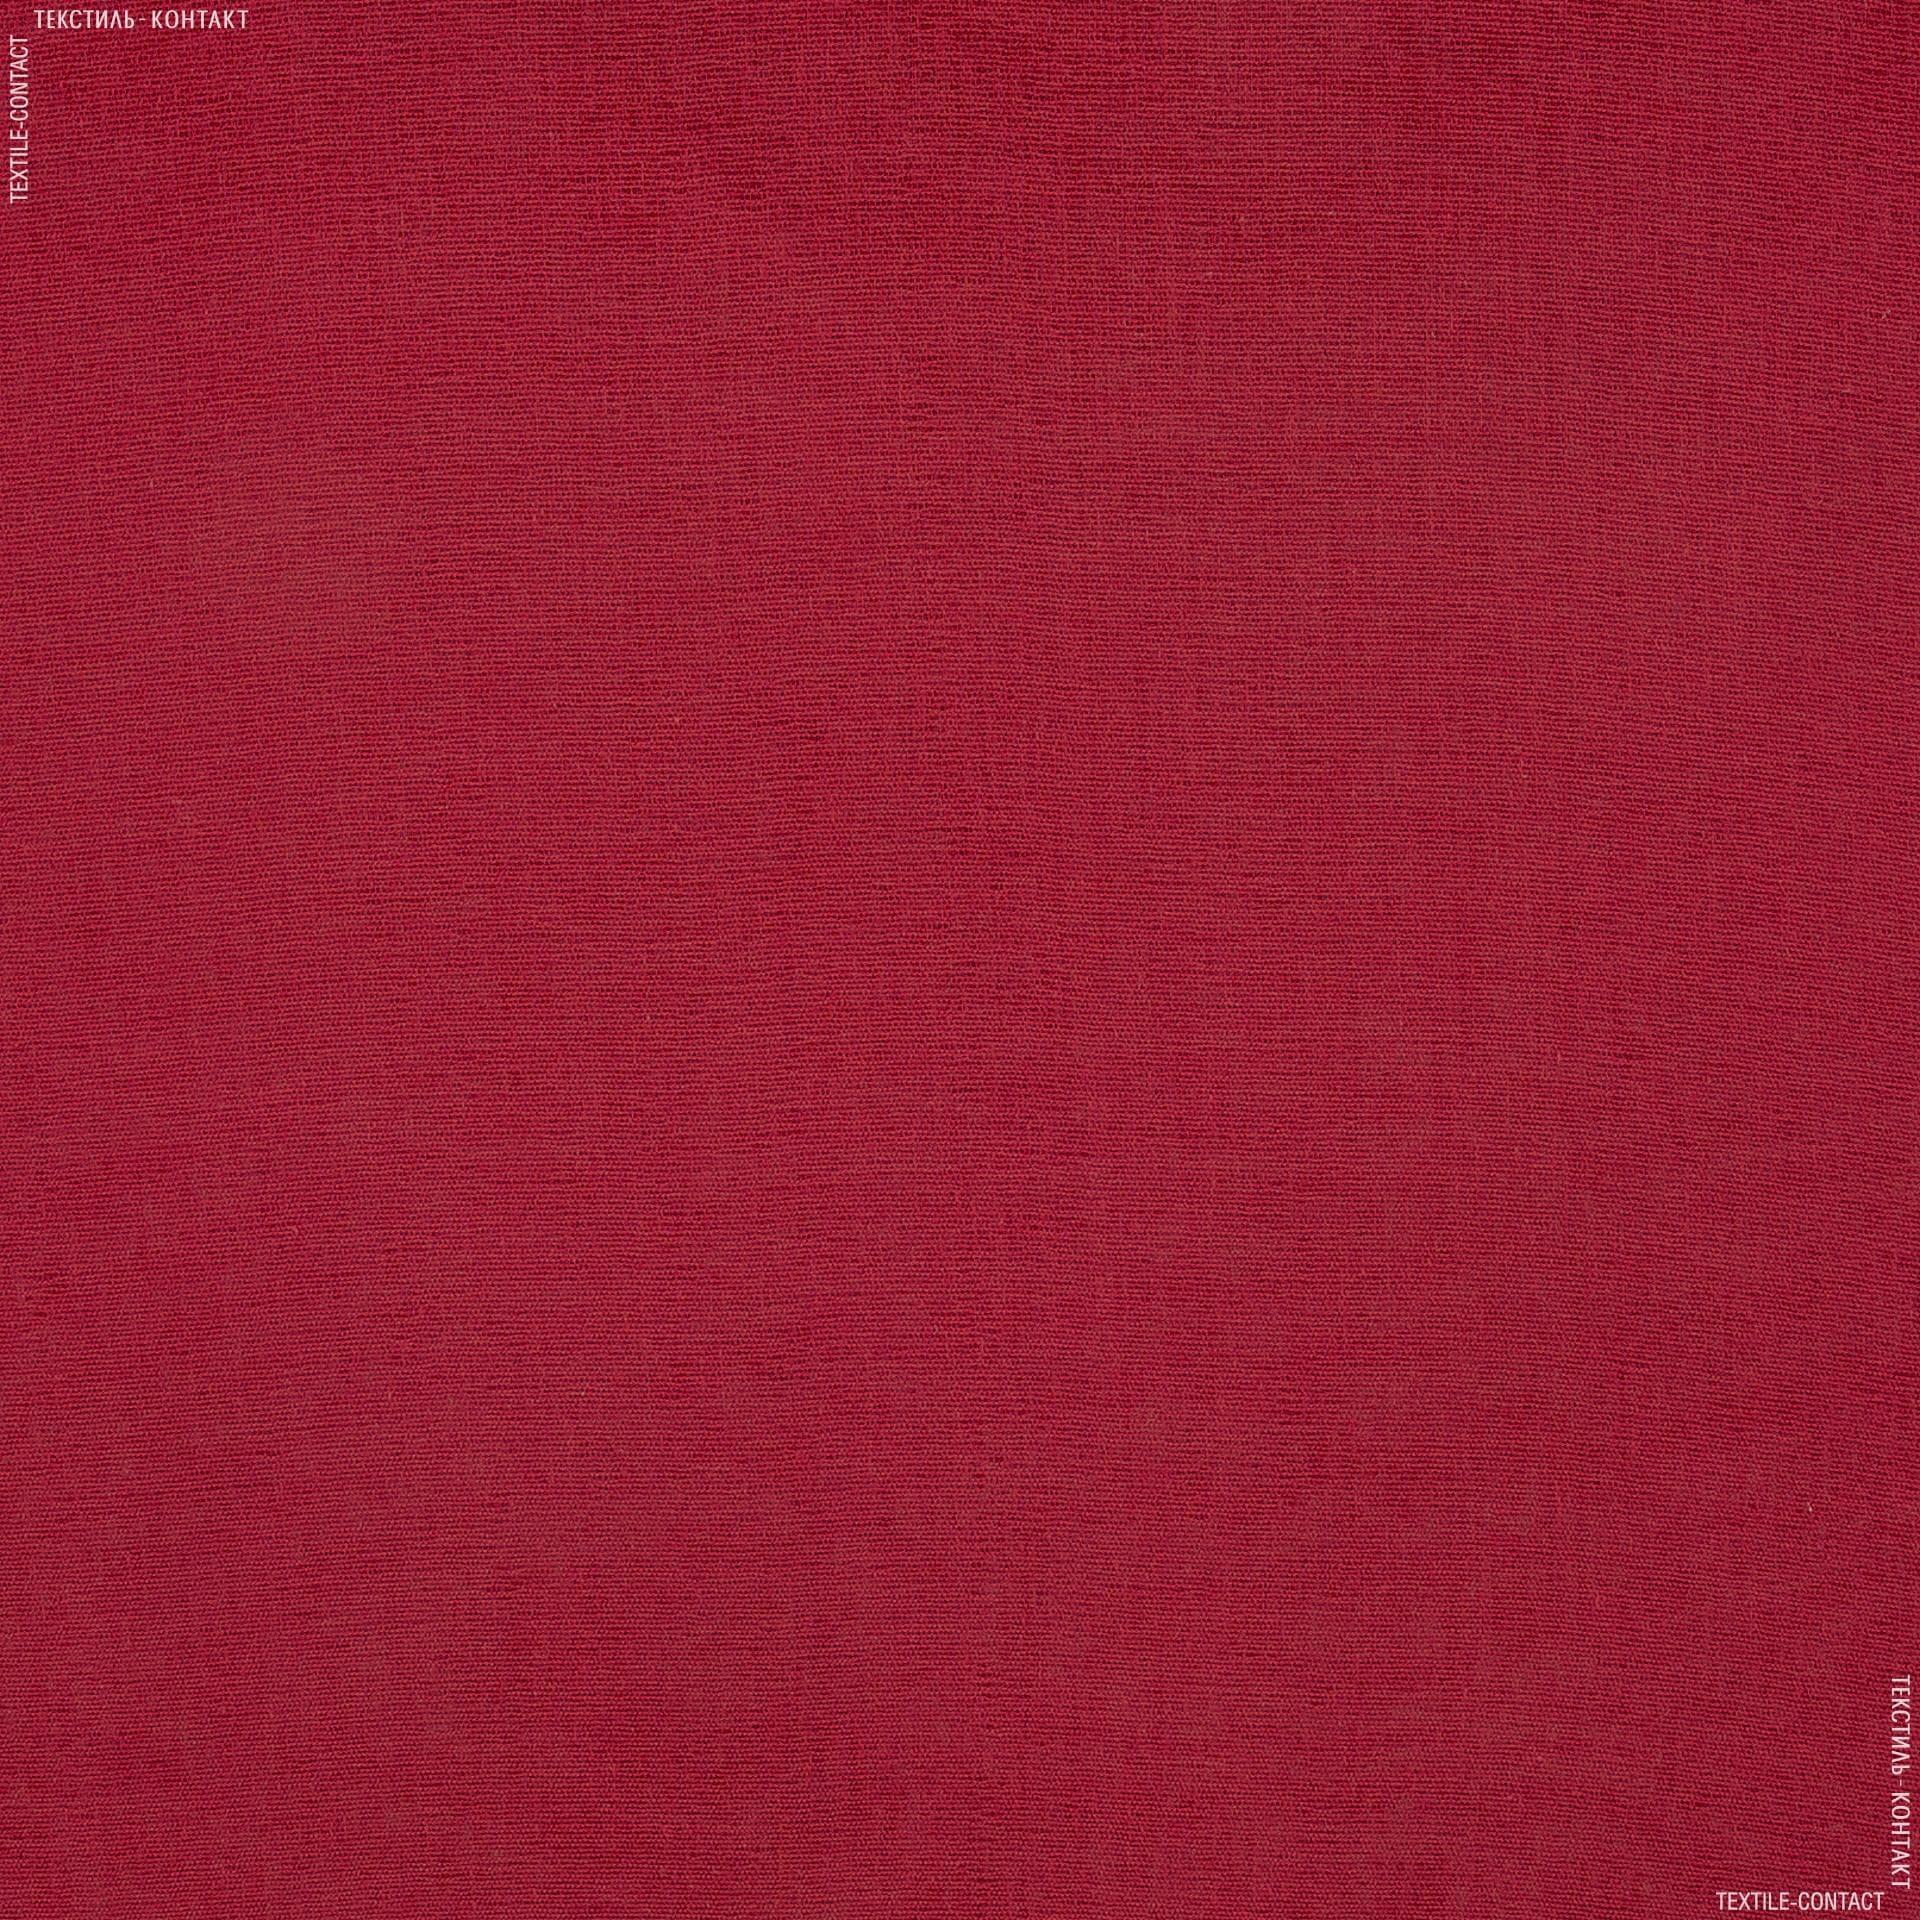 Тканини для дитячого одягу - Ситец червоний